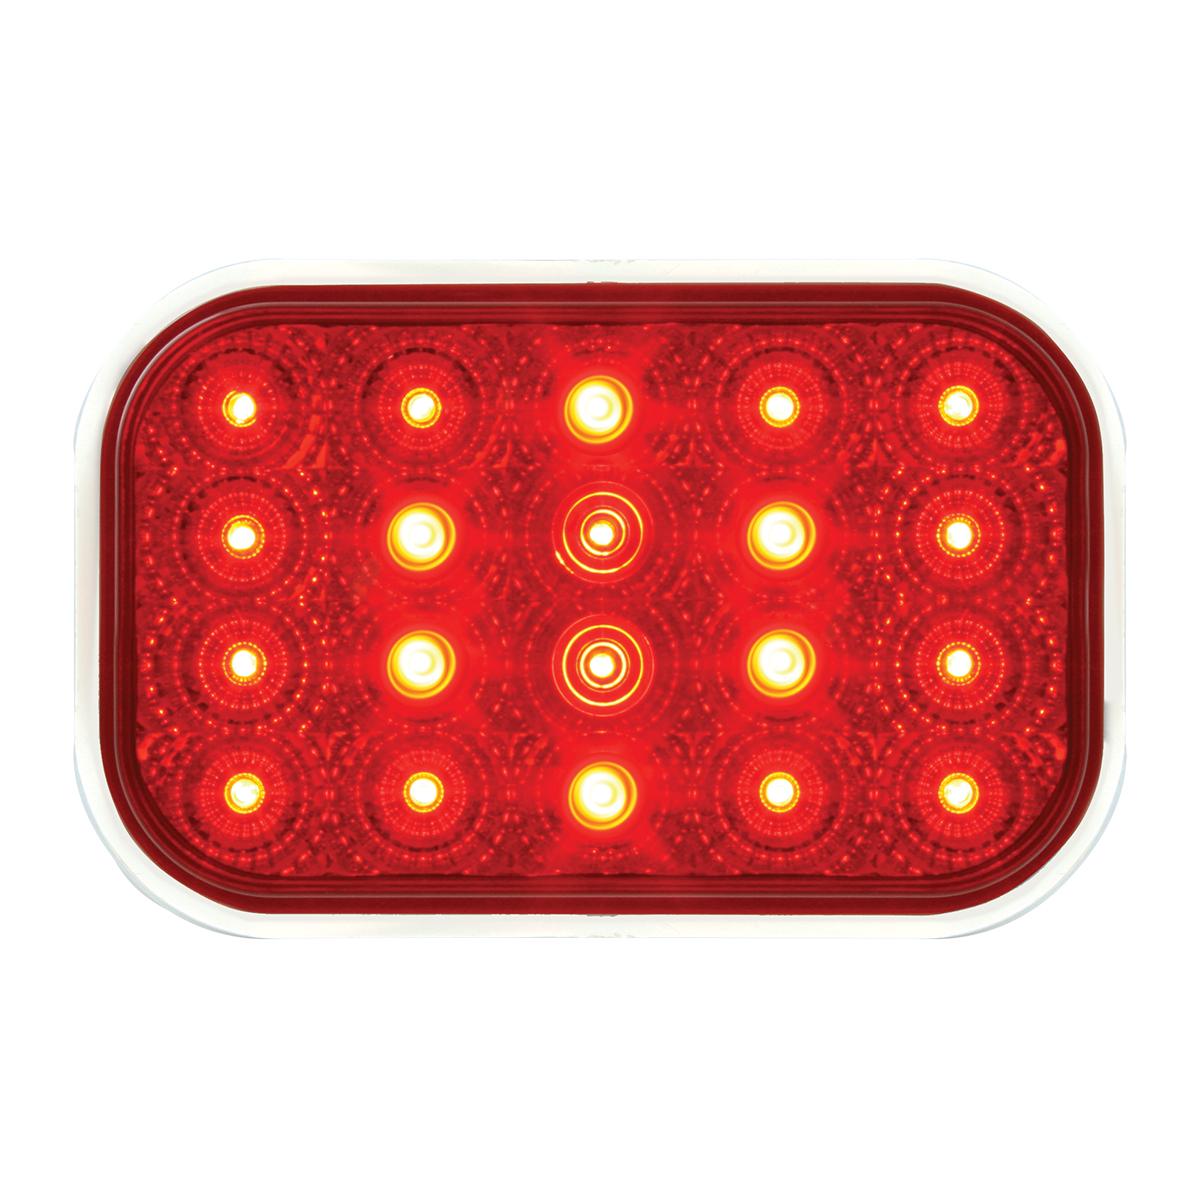 77013 Rectangular Spyder LED Light in Red/Red